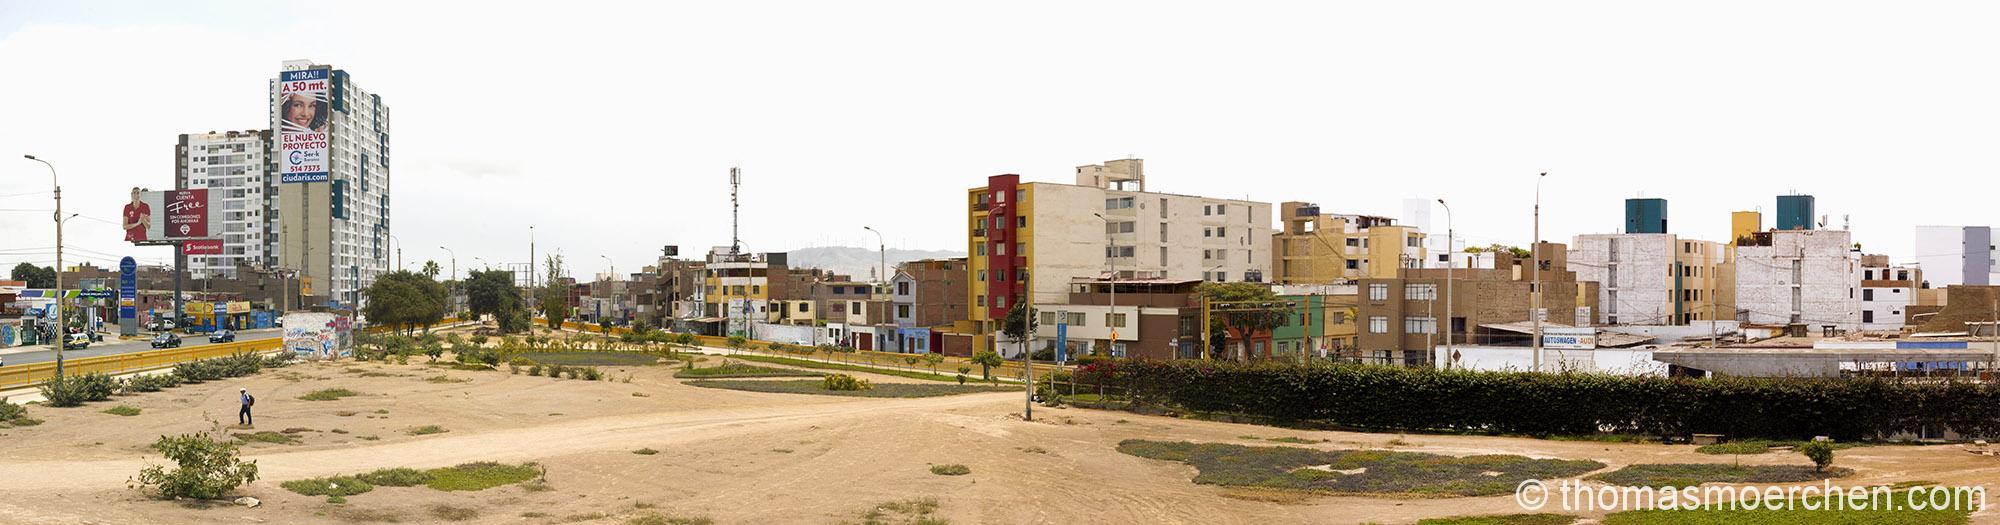 Typisches Strassenbild in Lima